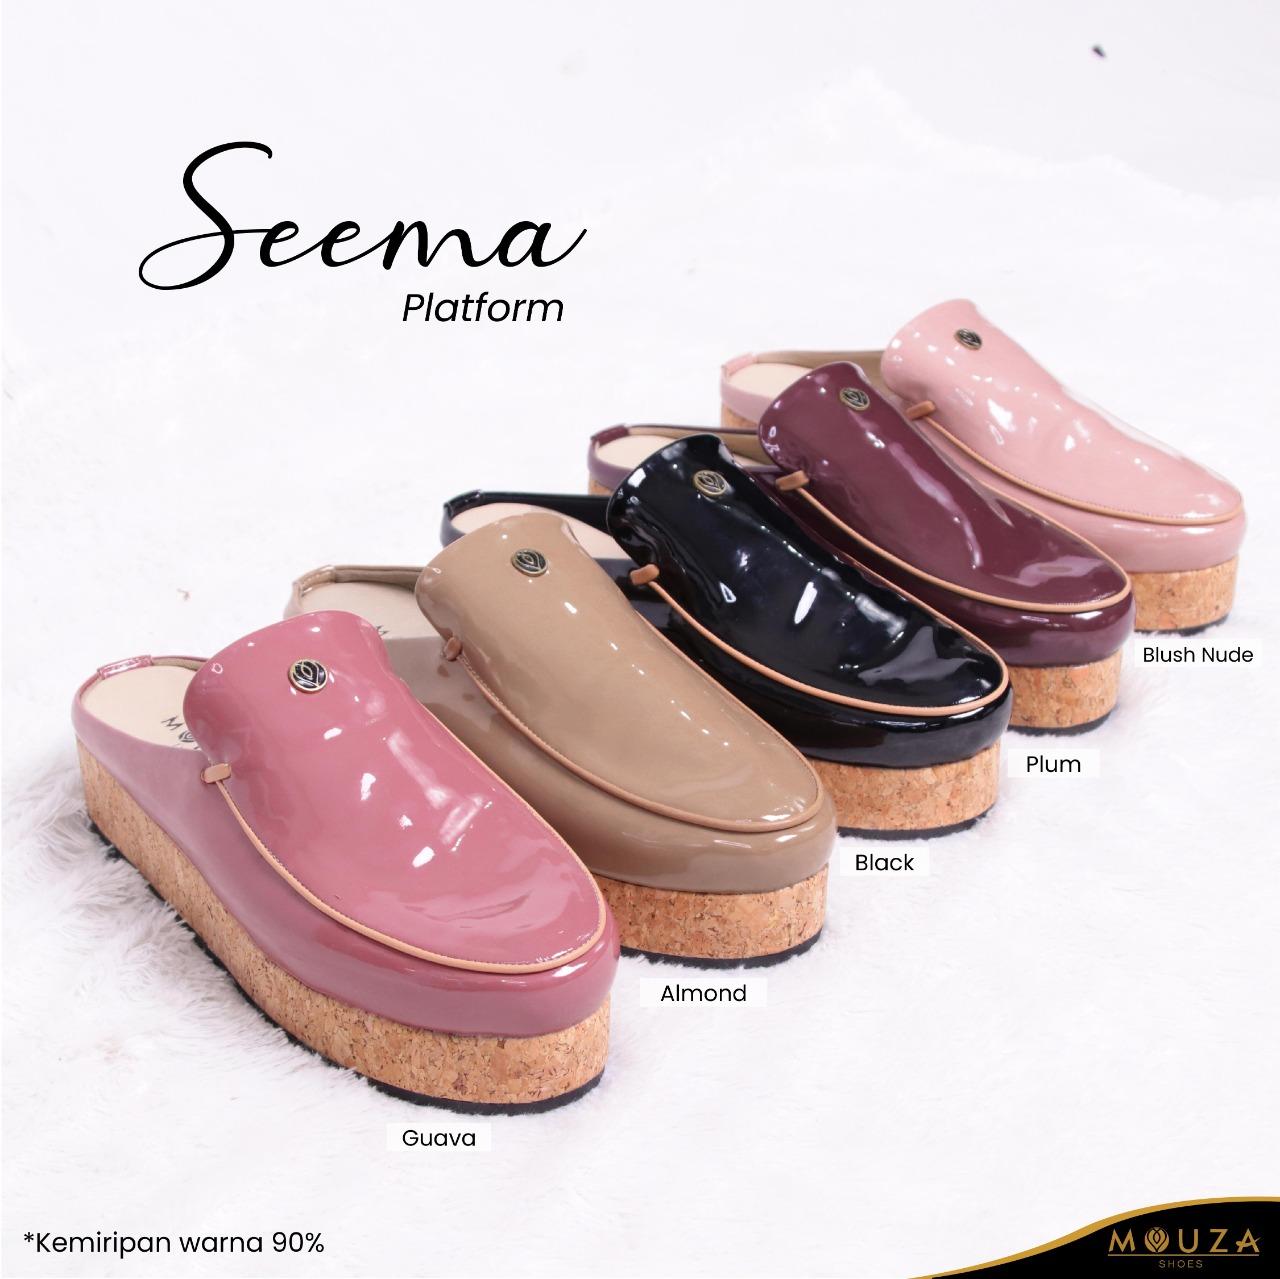 Seema Platform